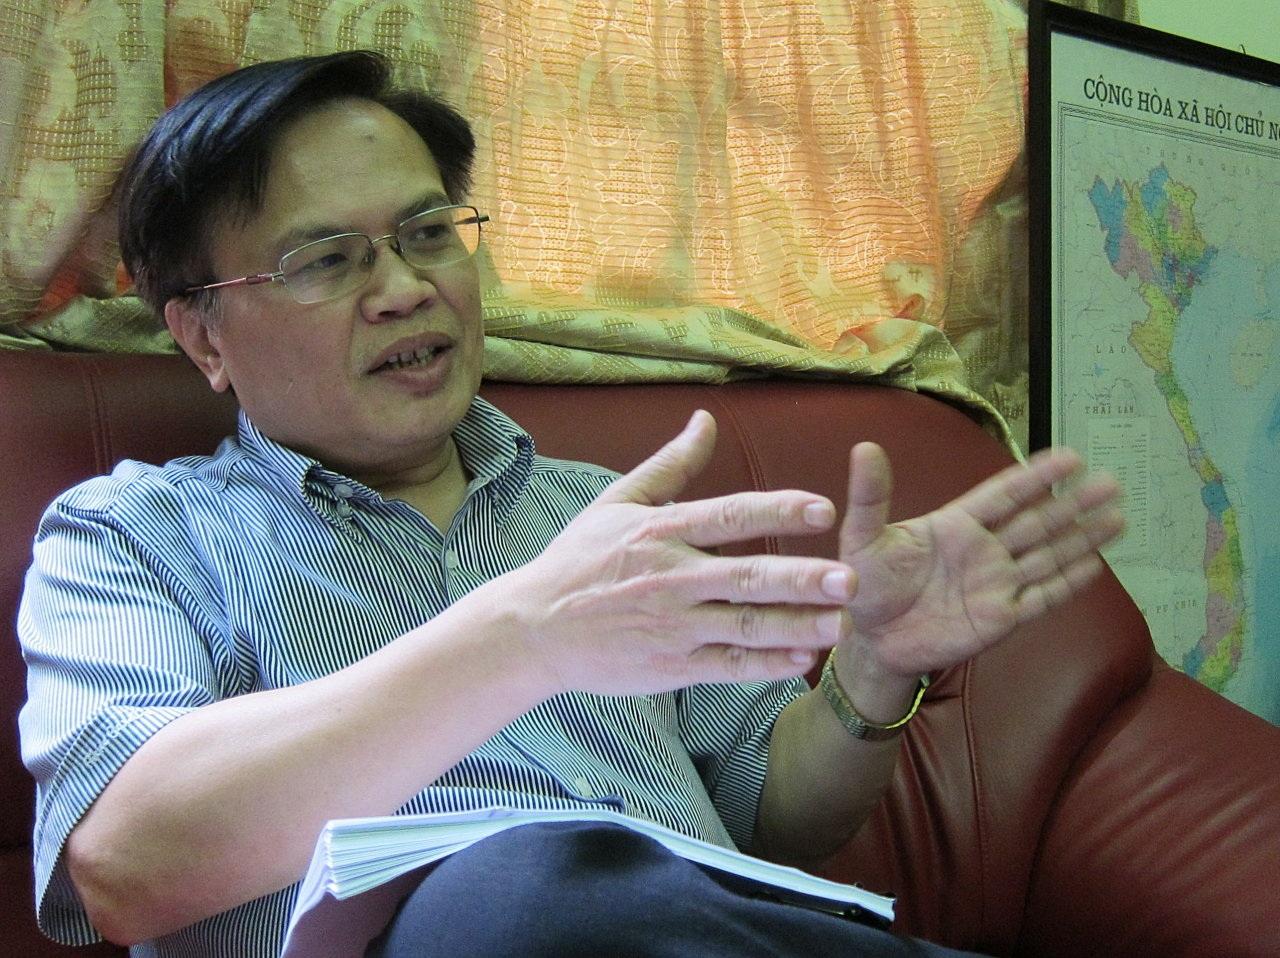 TS Nguyễn Đình Cung, Viện trưởng Viện Nghiên cứu Quản lý Kinh tế Trung ương (CIEM)